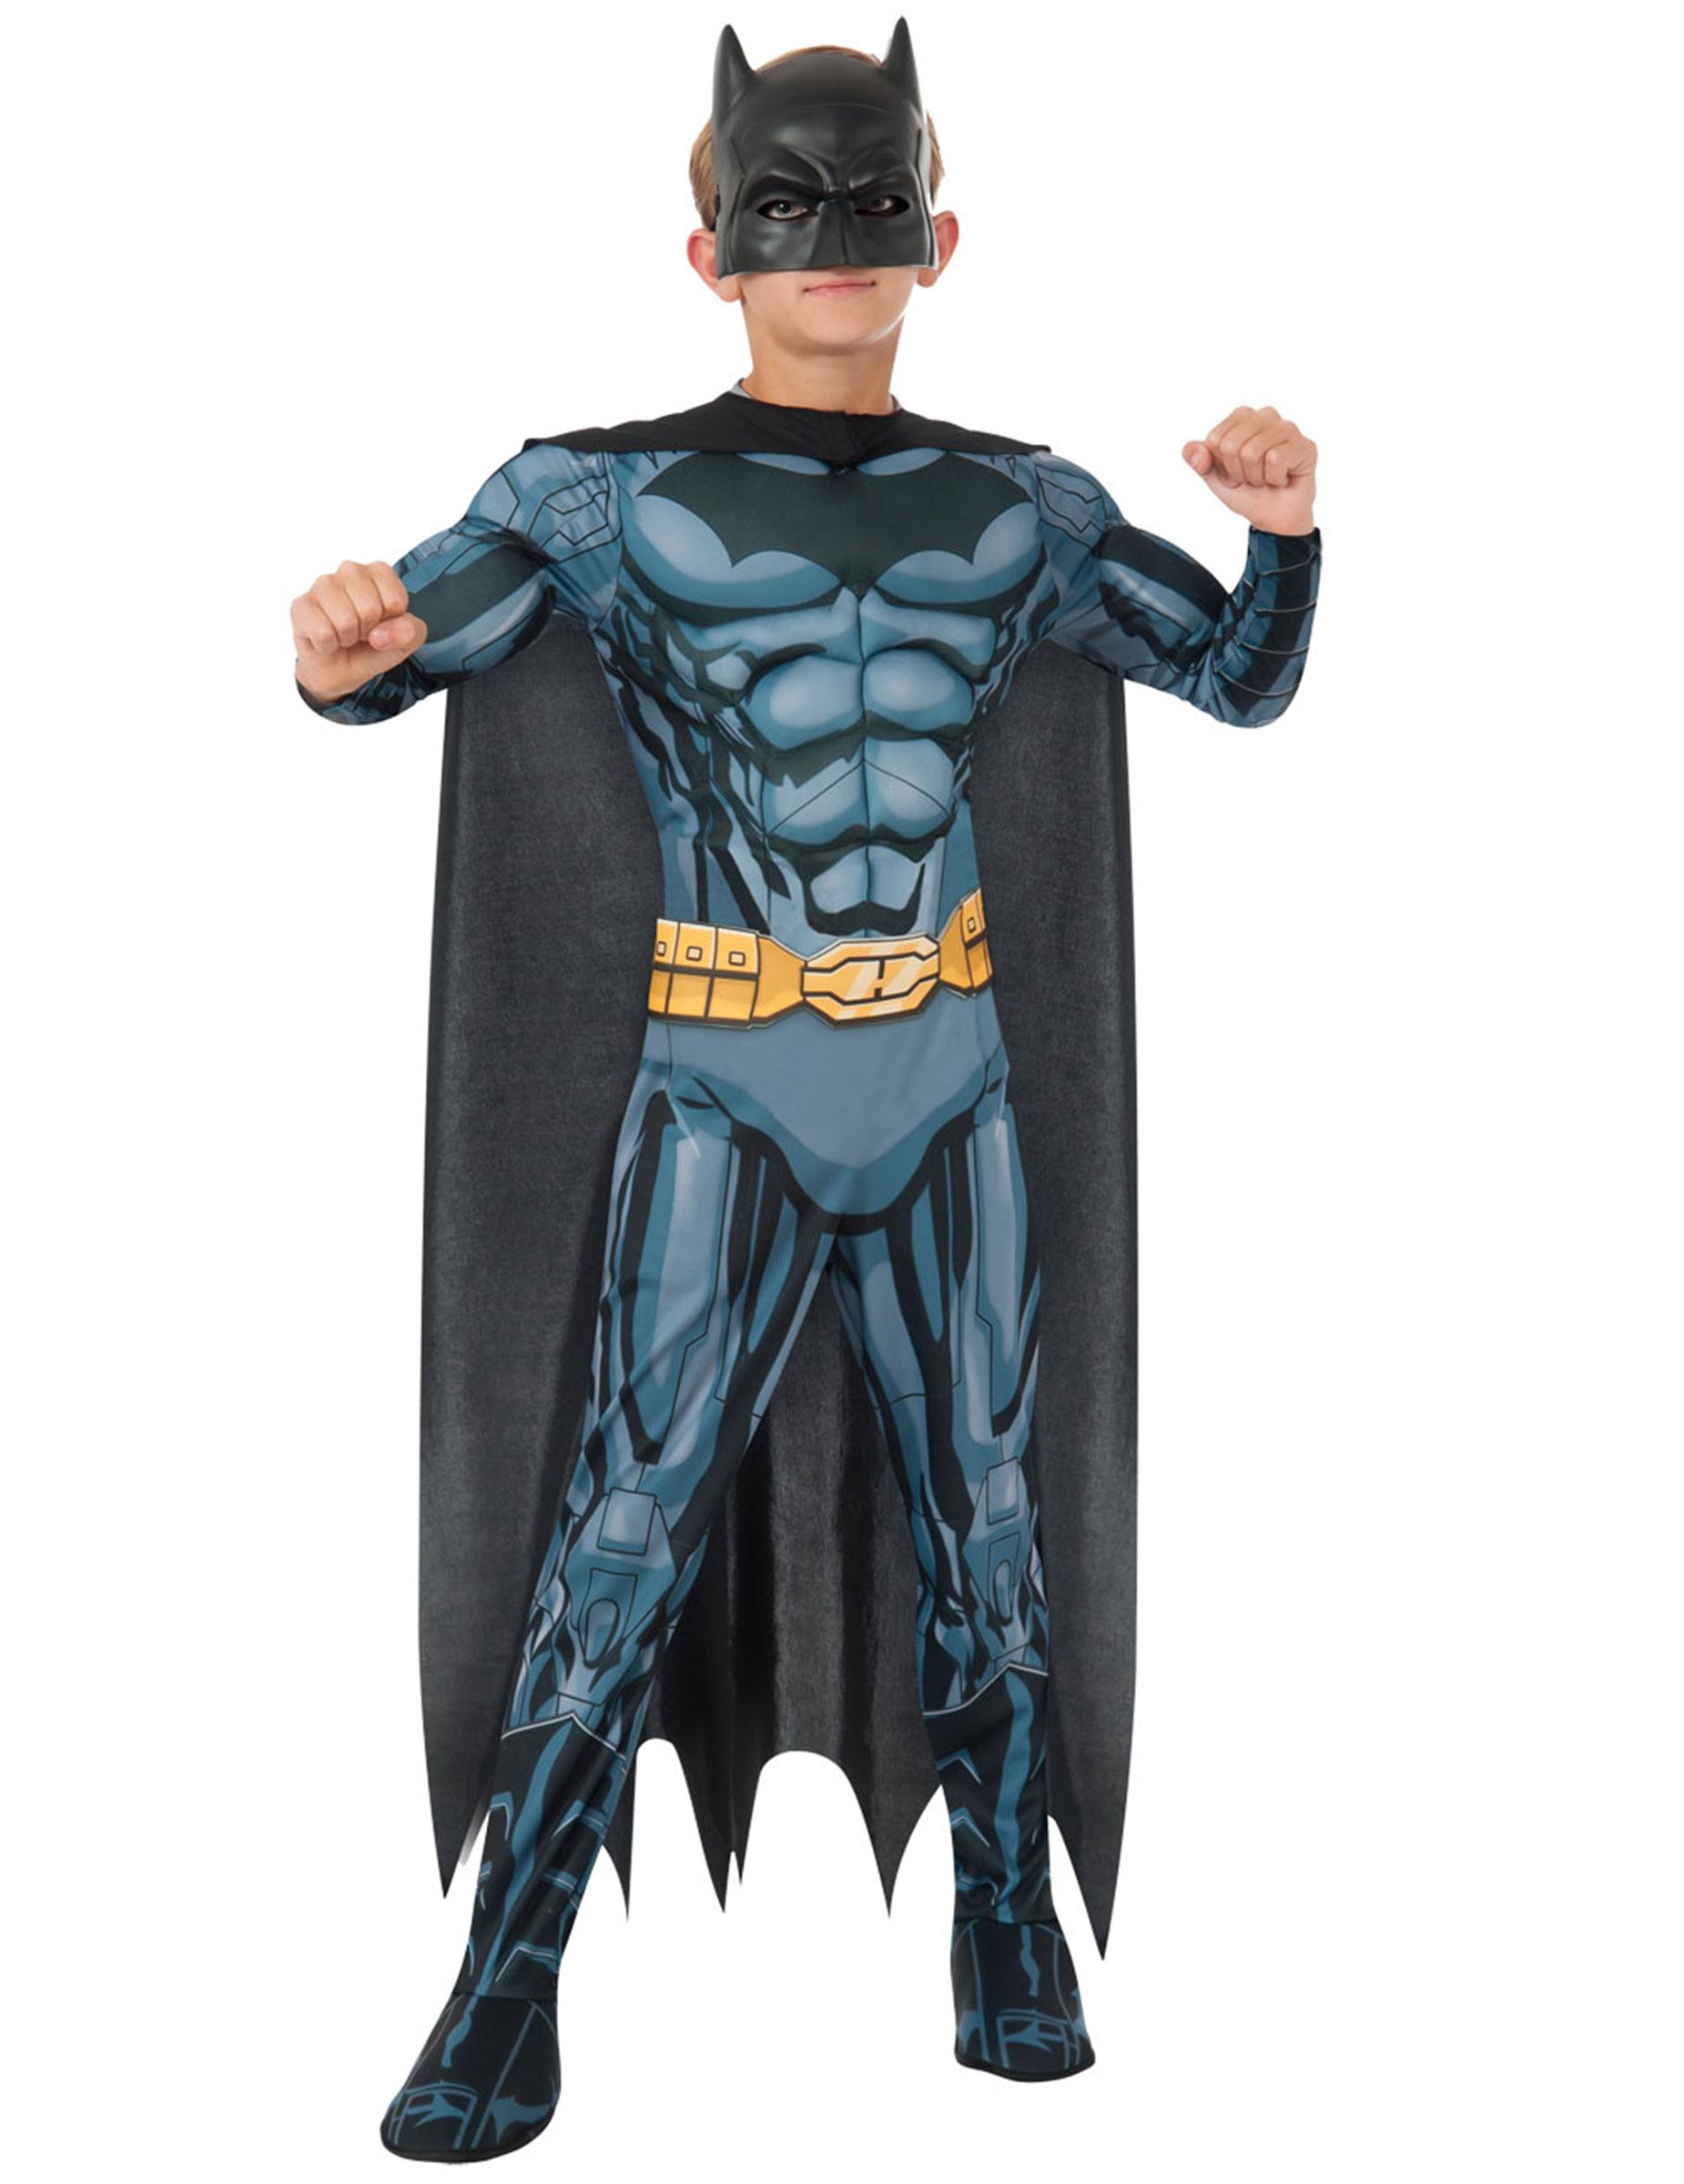 Costume di lusso batman muscoloso bambino costumi for Cruciverba bambini 7 anni